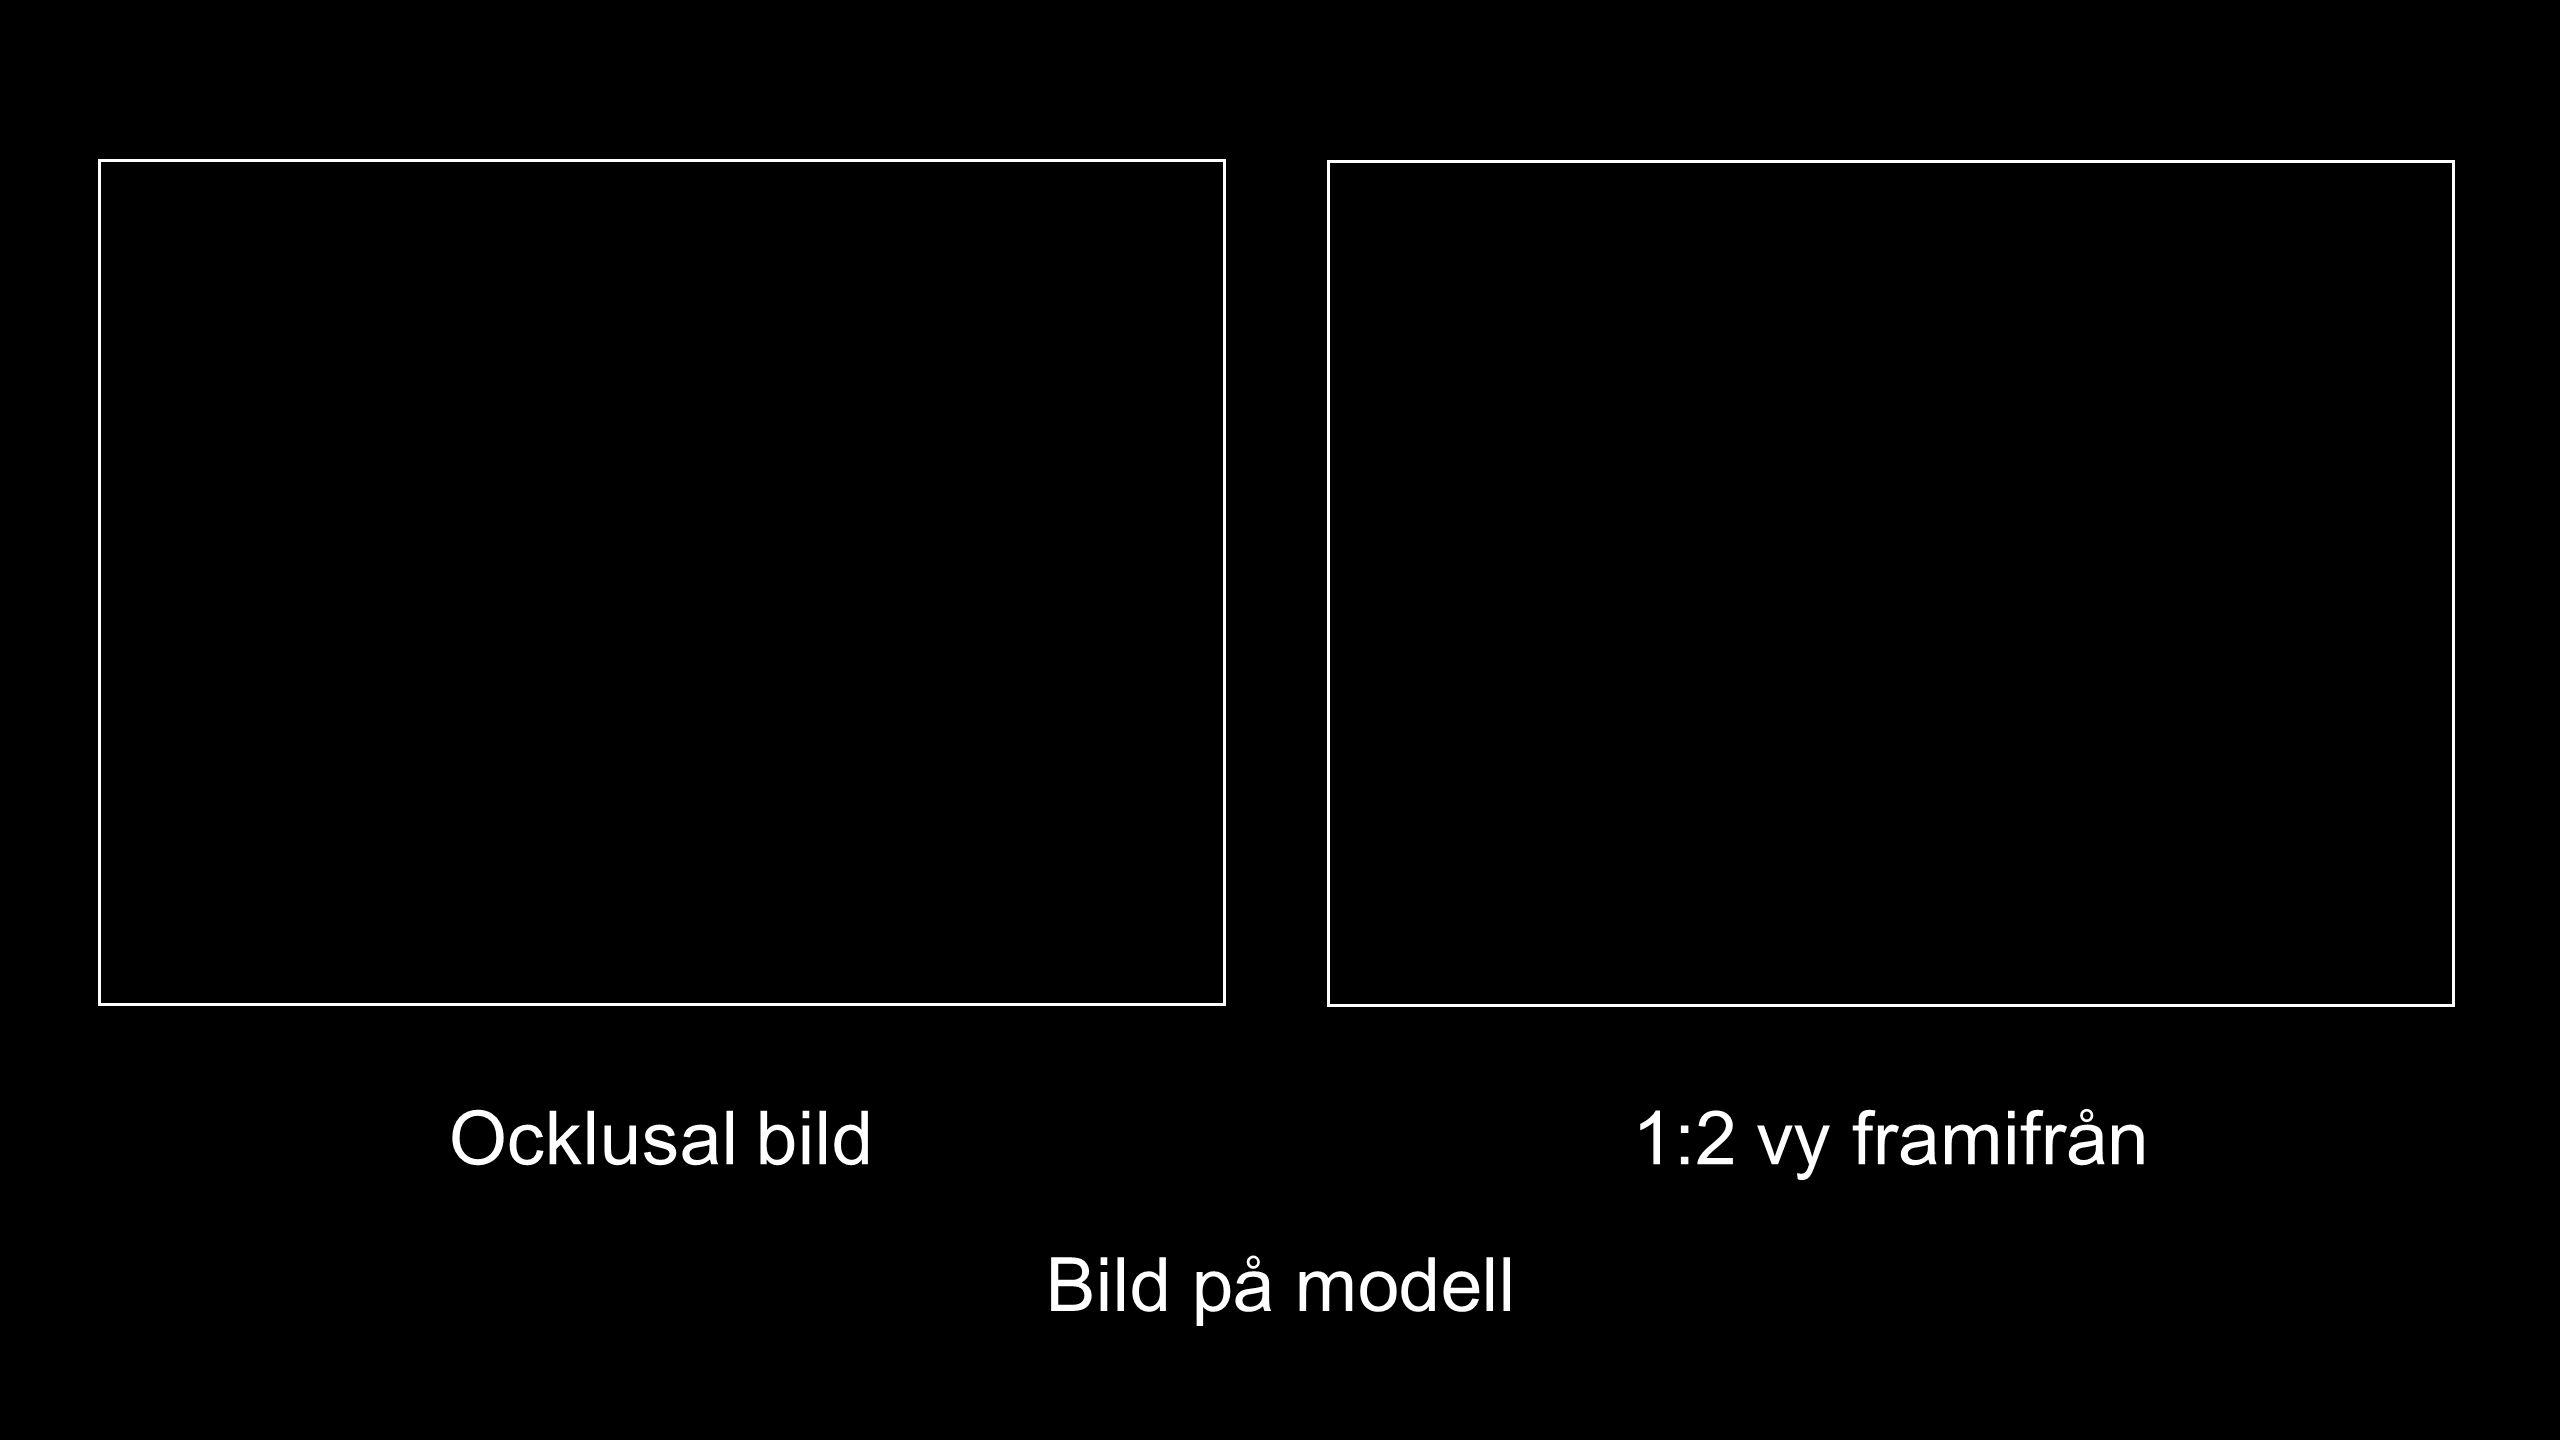 Bild på modell Ocklusal bild1:2 vy framifrån